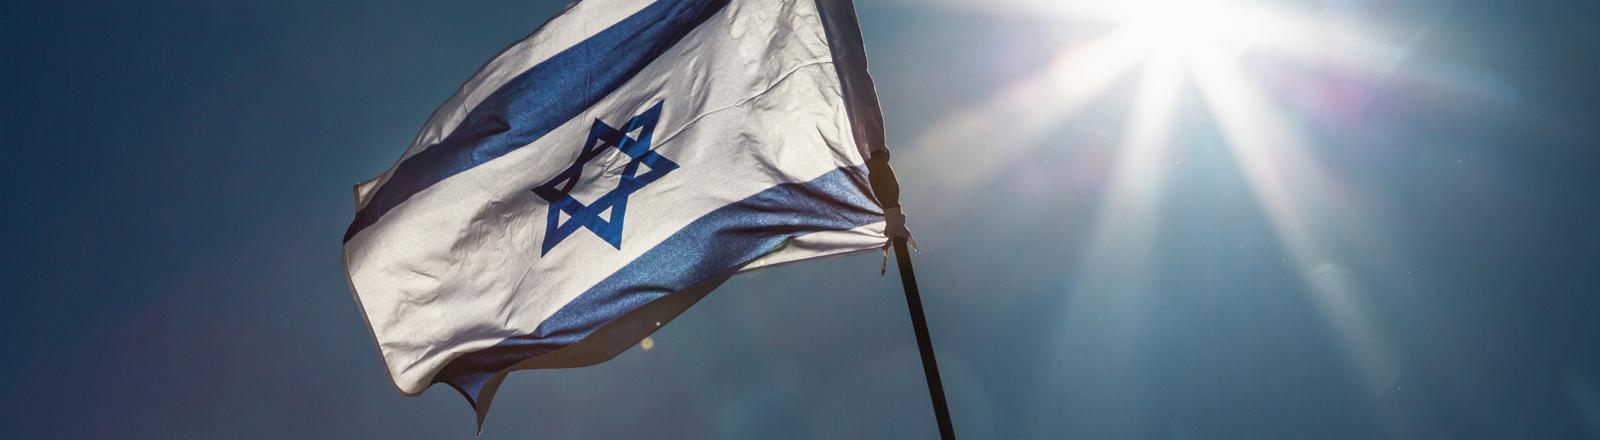 die israelische Flagge vor blauem Himmel